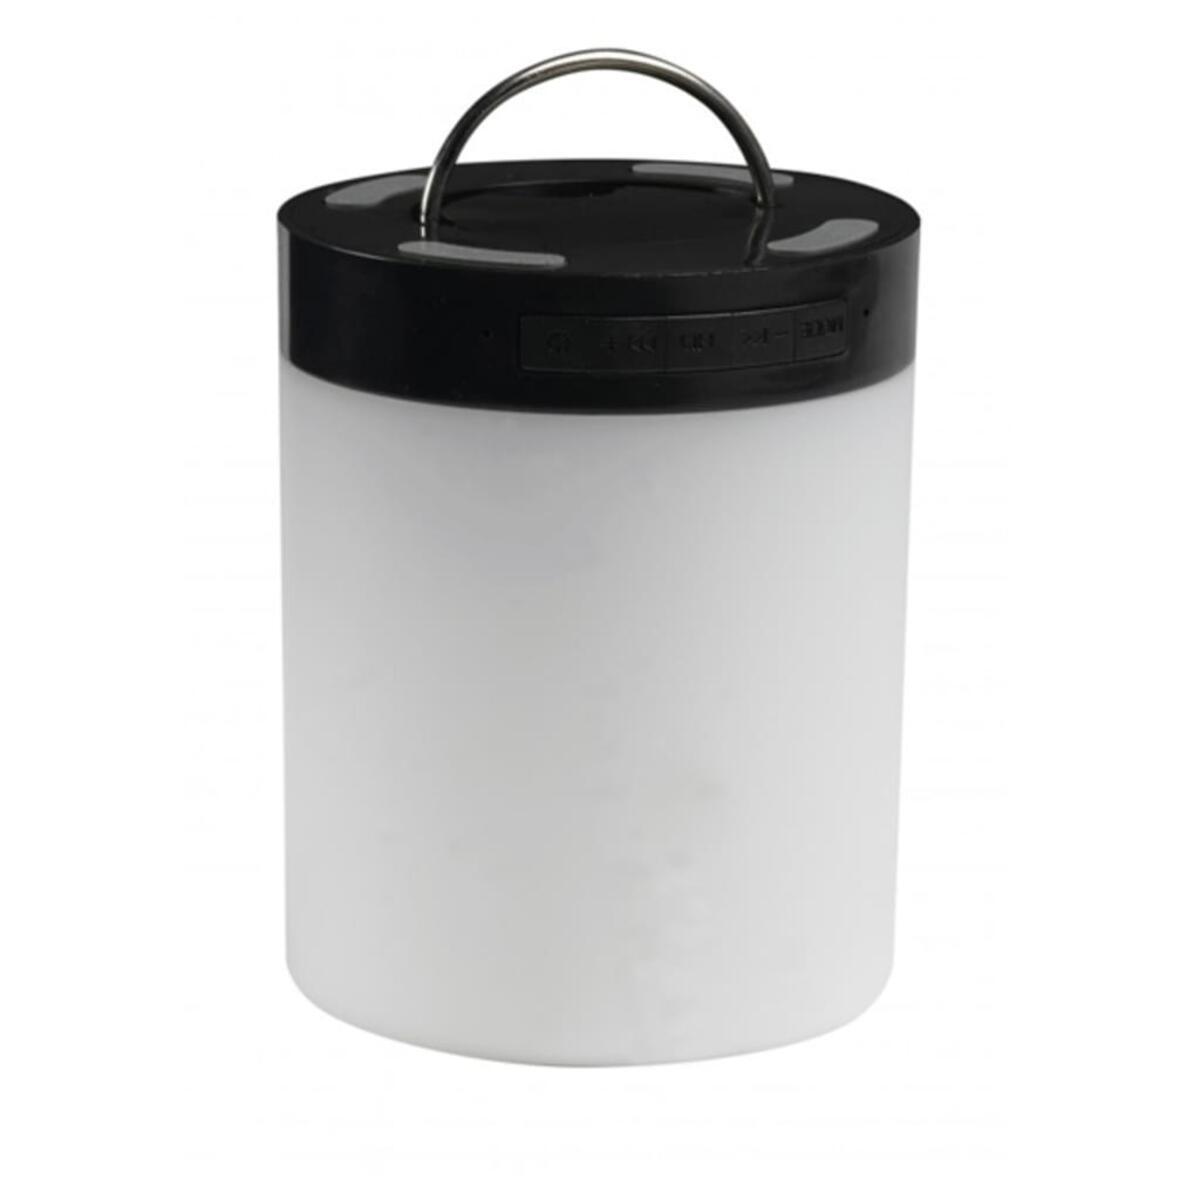 Bild 2 von Denver BTL-30, 3 W, Verkabelt & Kabellos, 10 m, Mono portable speaker, Weiß, Zylinder